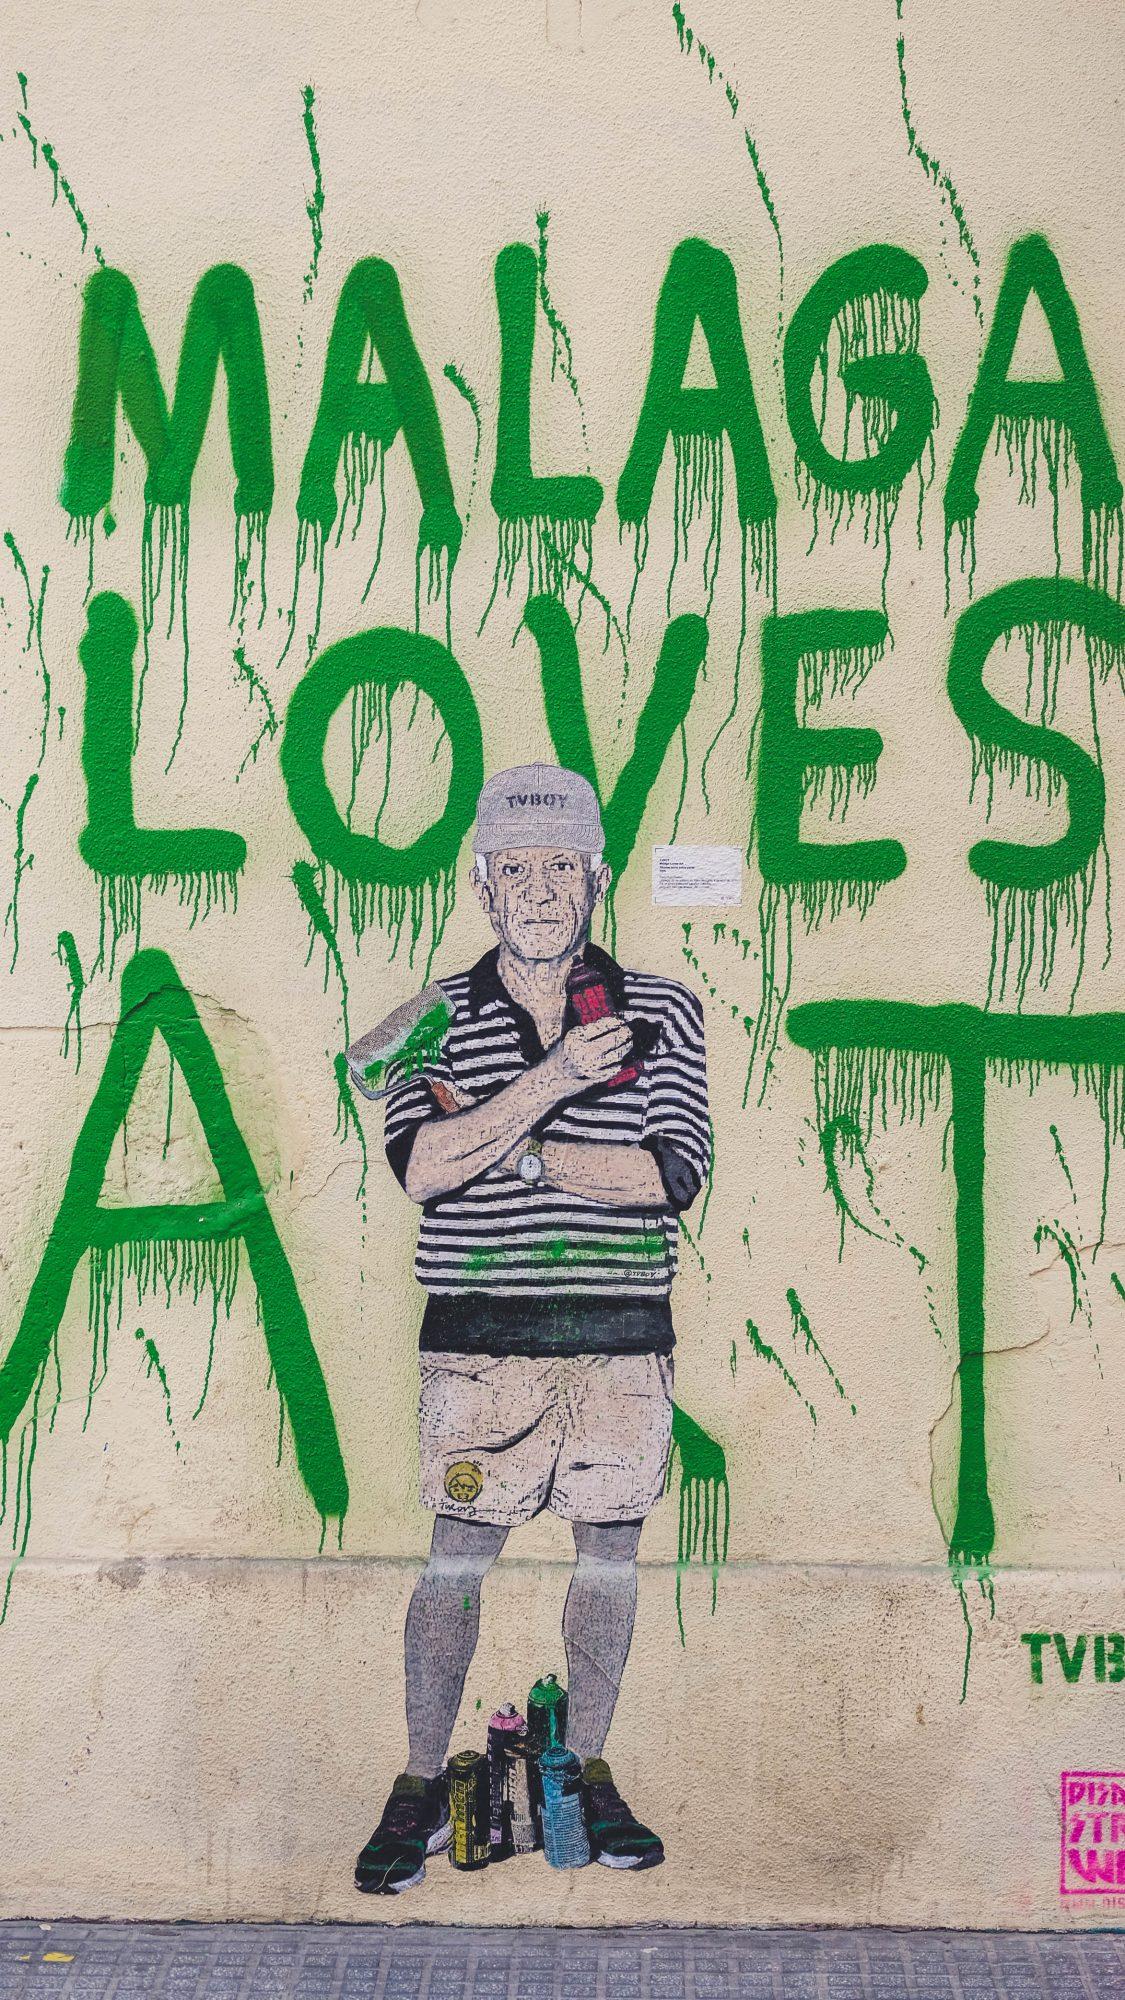 Malaga Loves Art 1.0 - Malaga, Espagne